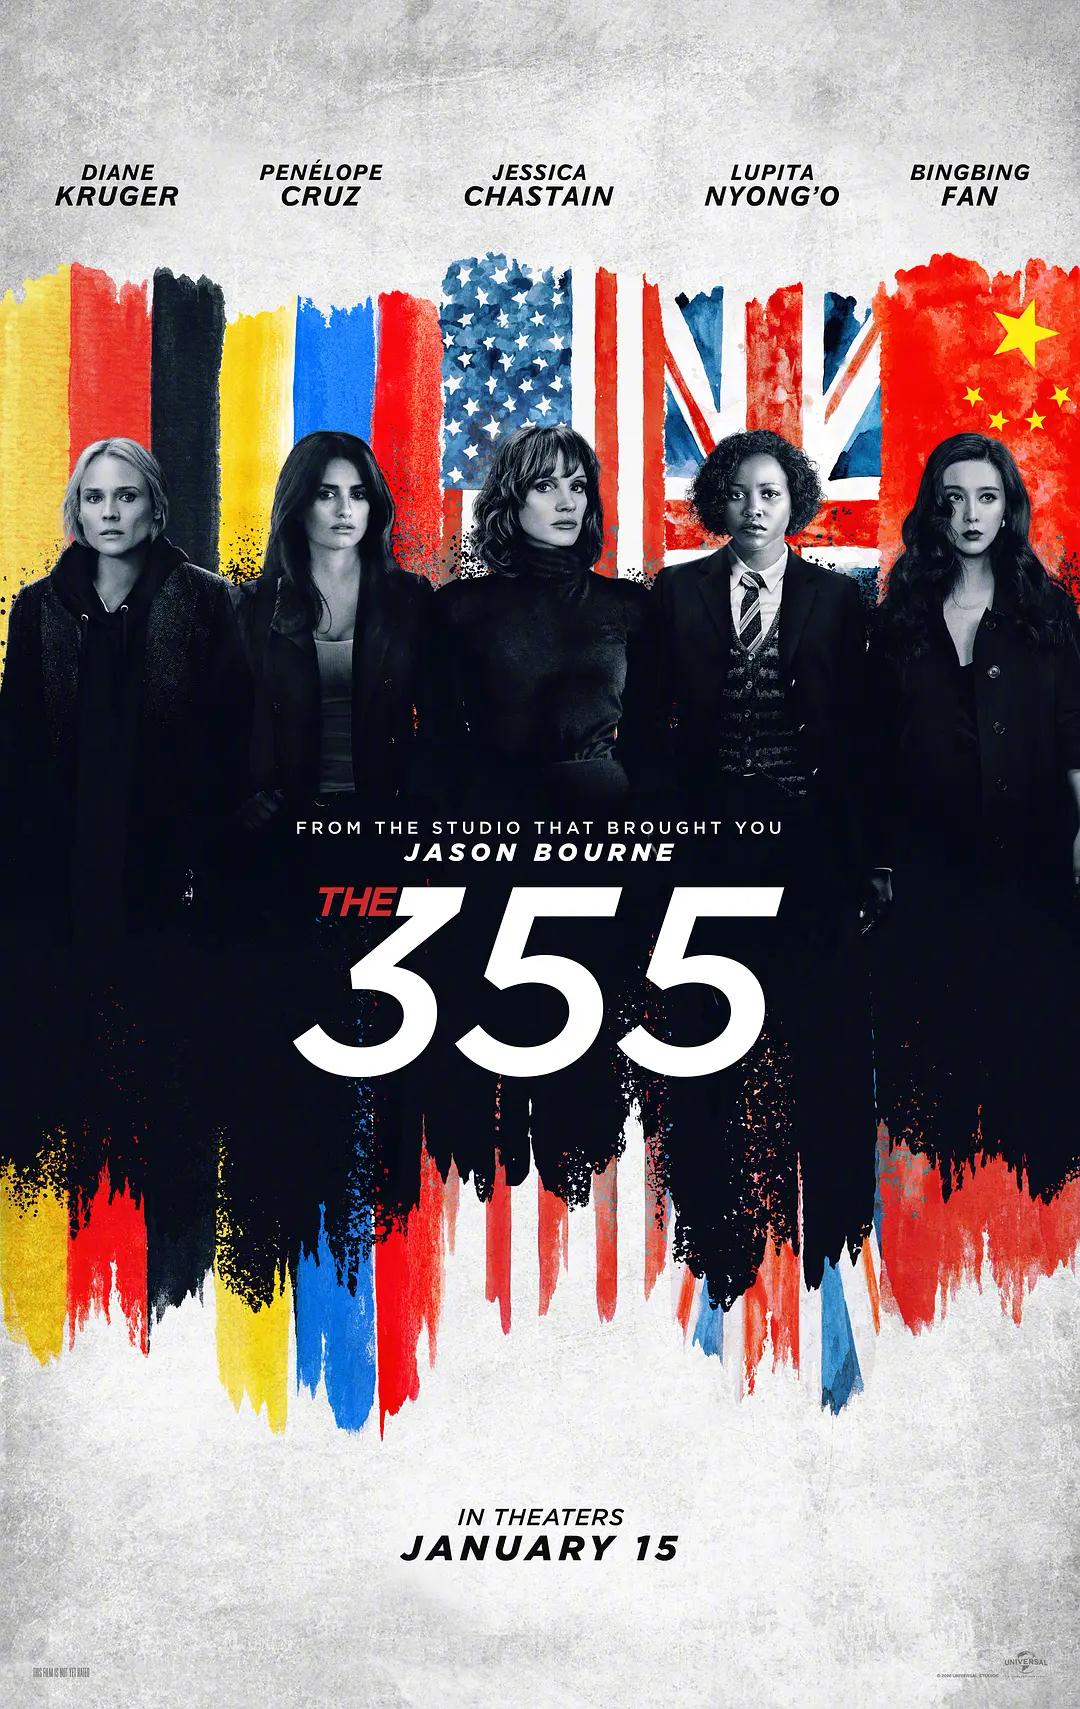 女间谍片「间谍355」改档 推迟一年于2022年1月14日北美上映